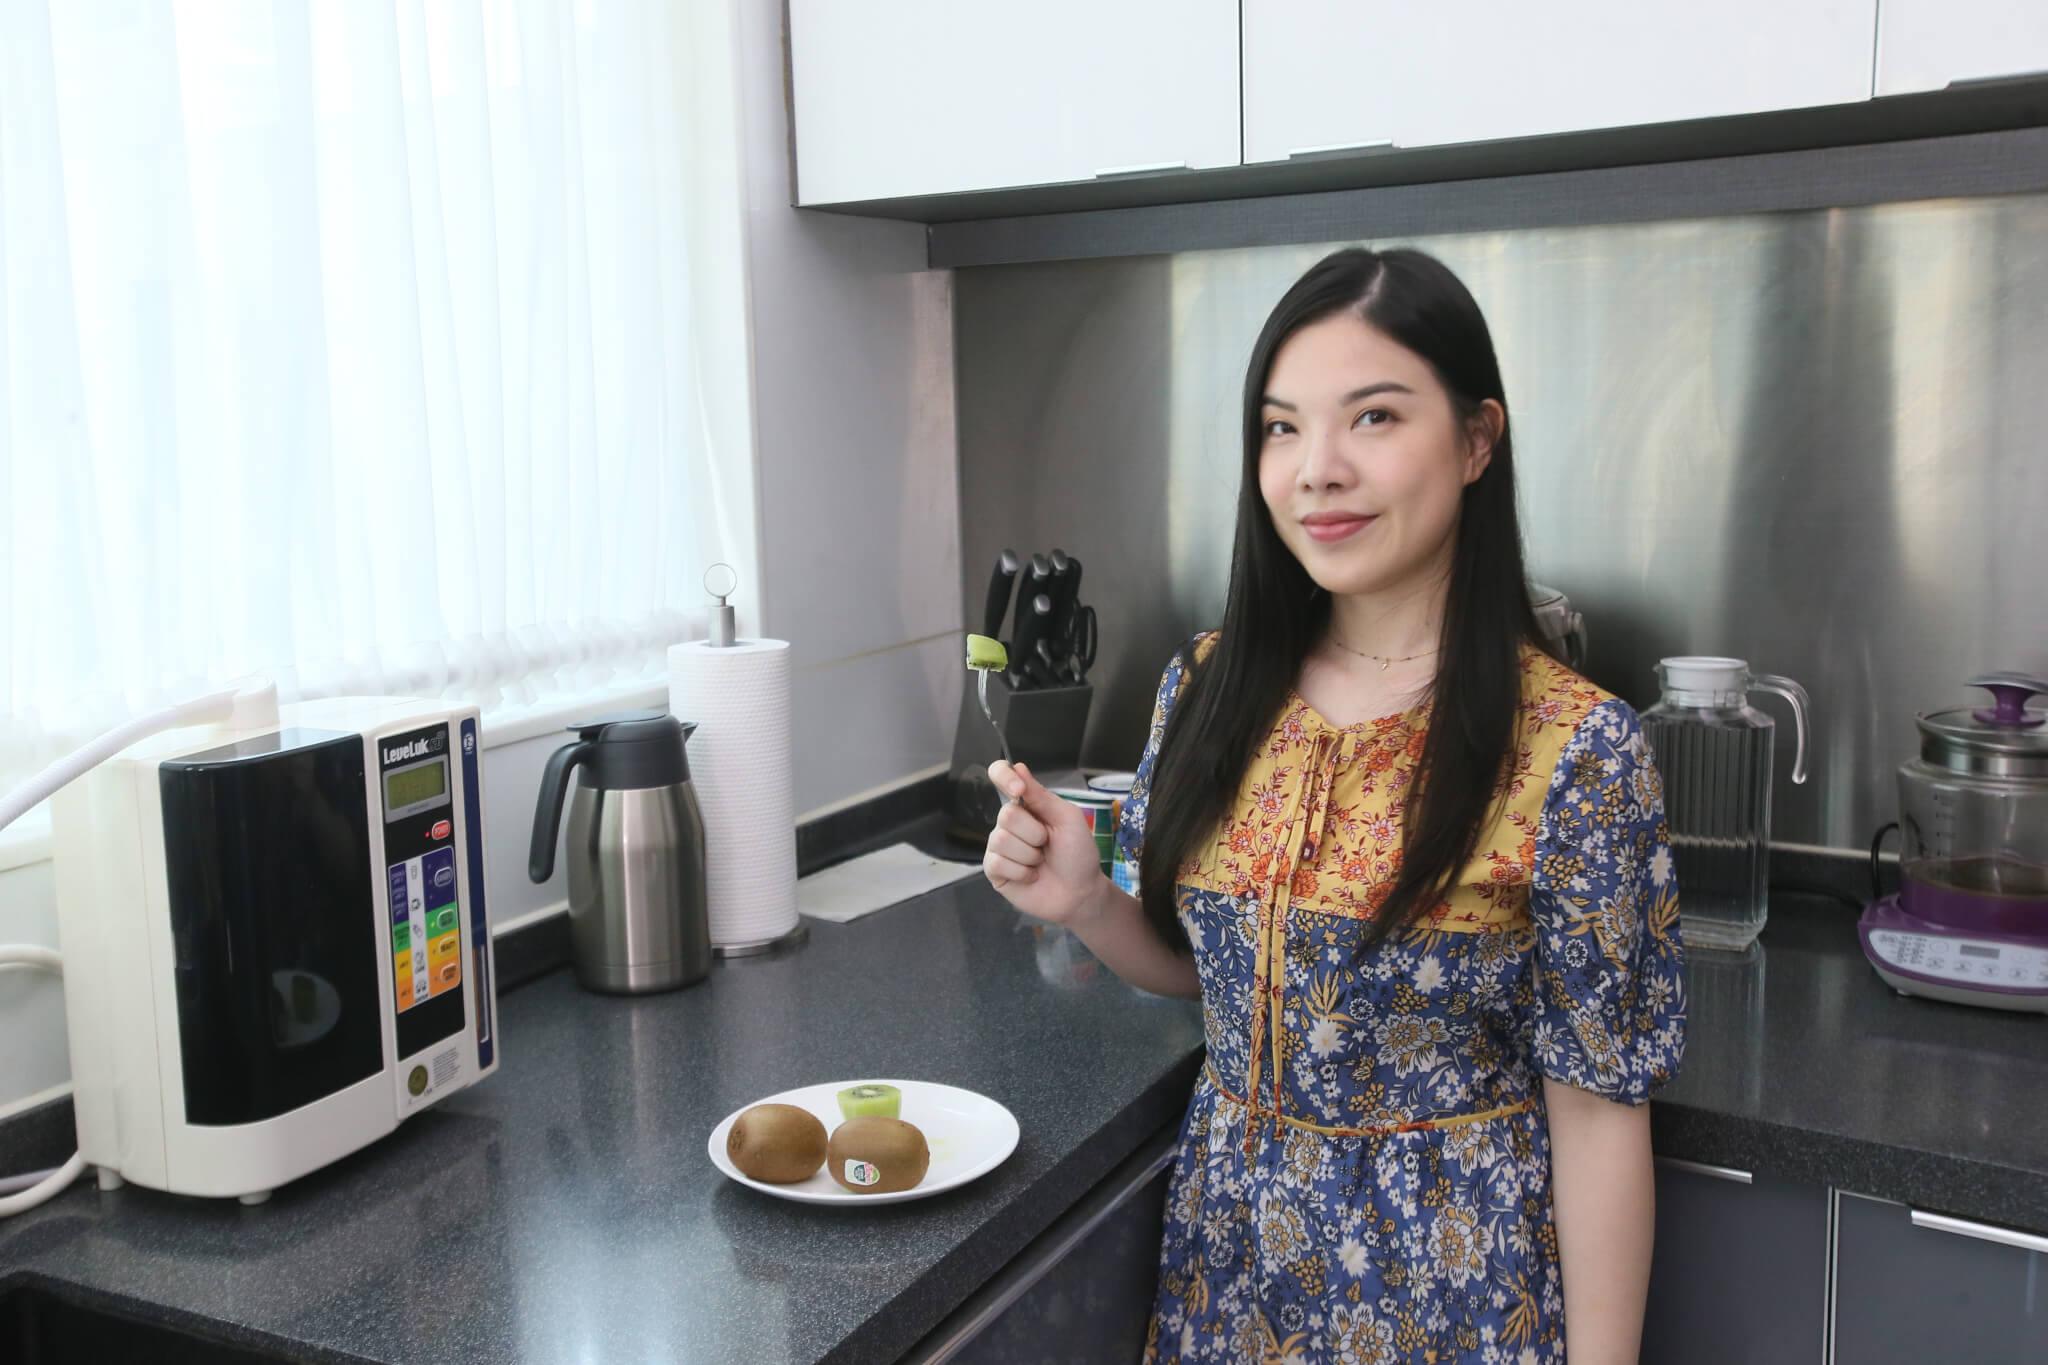 【家居專訪】鋼琴家的煩惱 黃子芳打造不漏音小天地 - 本地 - 明周娛樂